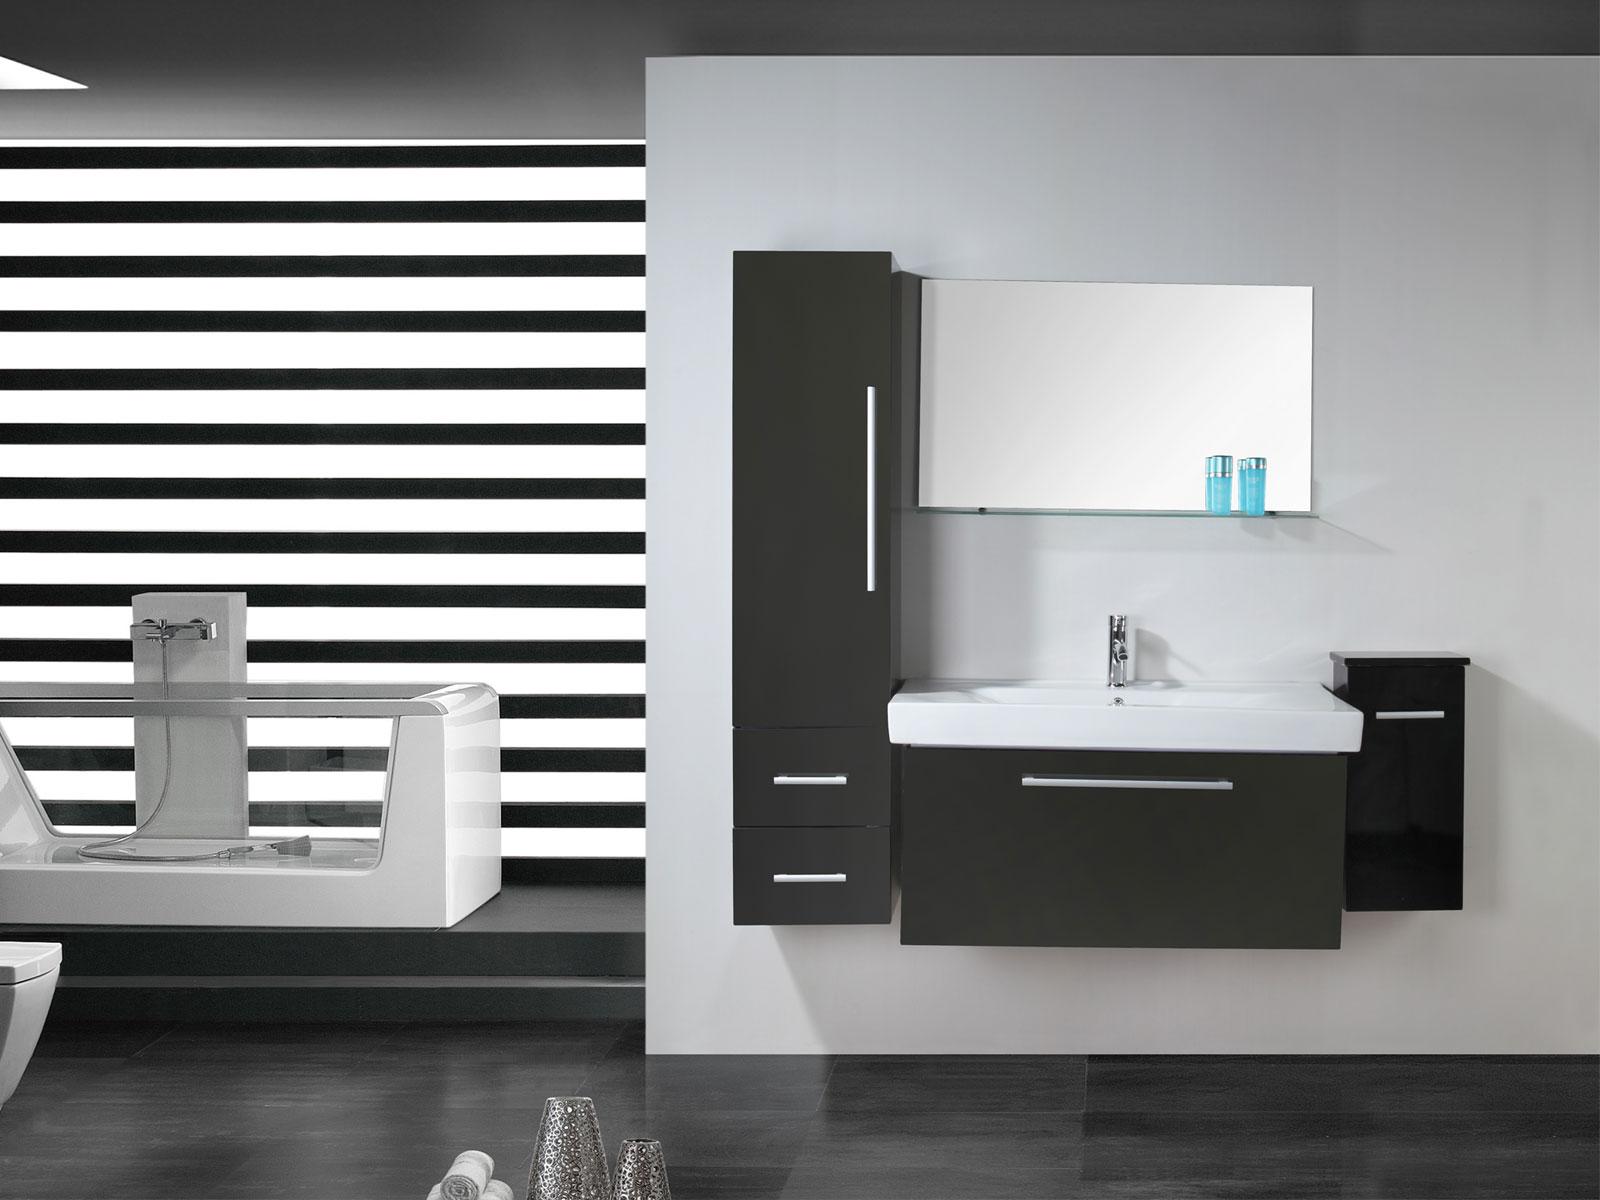 london meuble salle de bain 100 cm lavabo e colonne compris simbashoppingfr. Black Bedroom Furniture Sets. Home Design Ideas